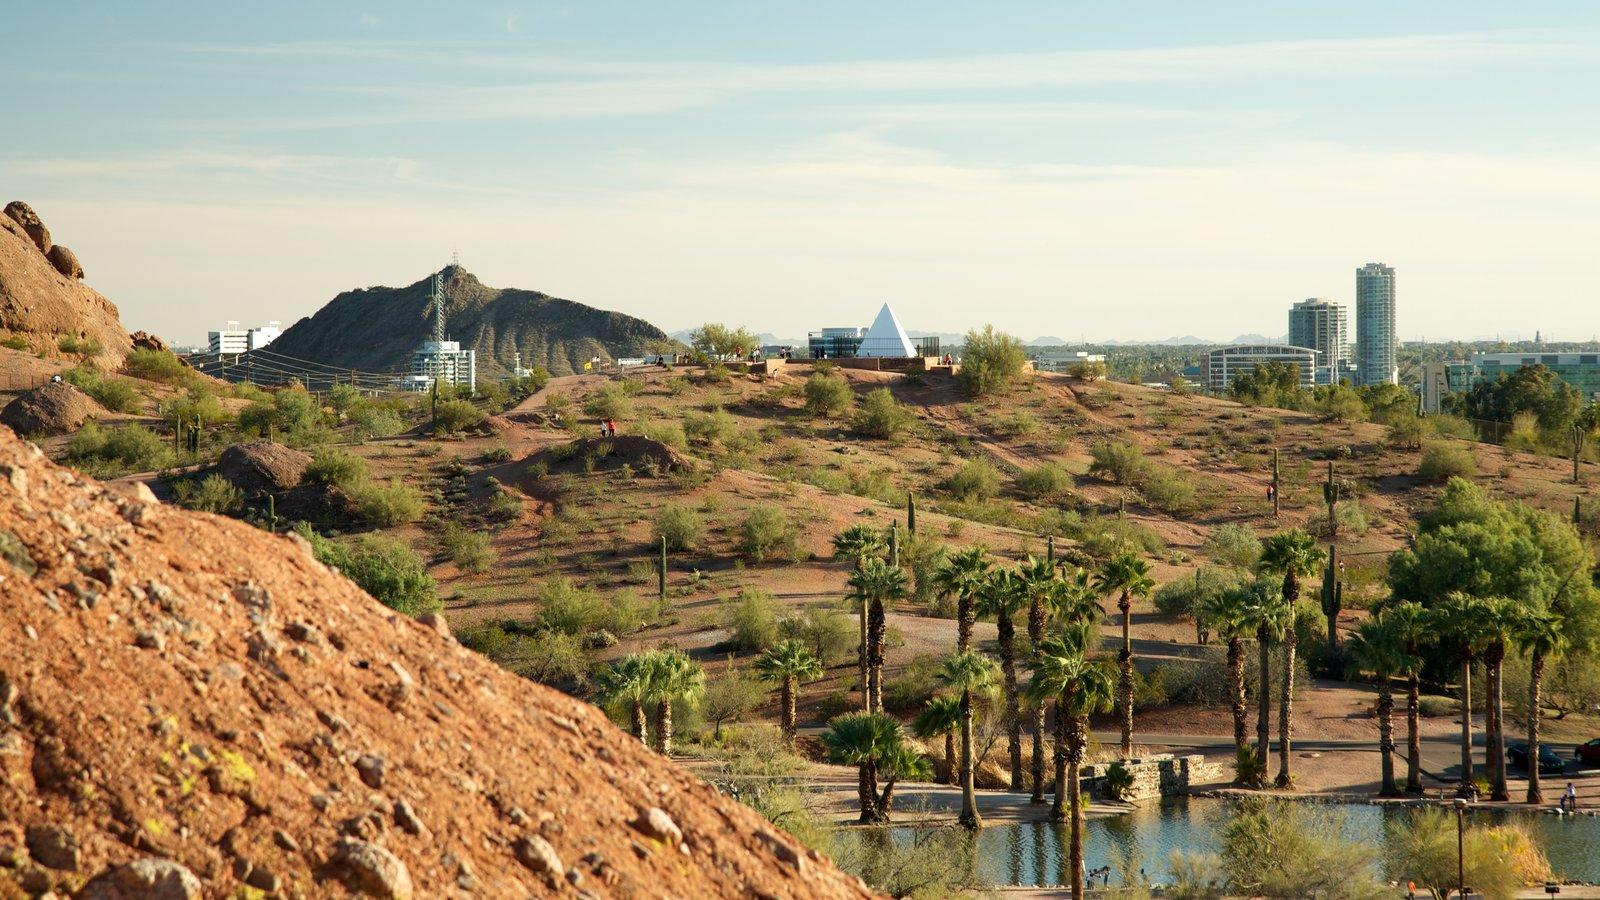 Hole in the Rock que inclui uma cidade pequena ou vila, paisagens do deserto e um lago